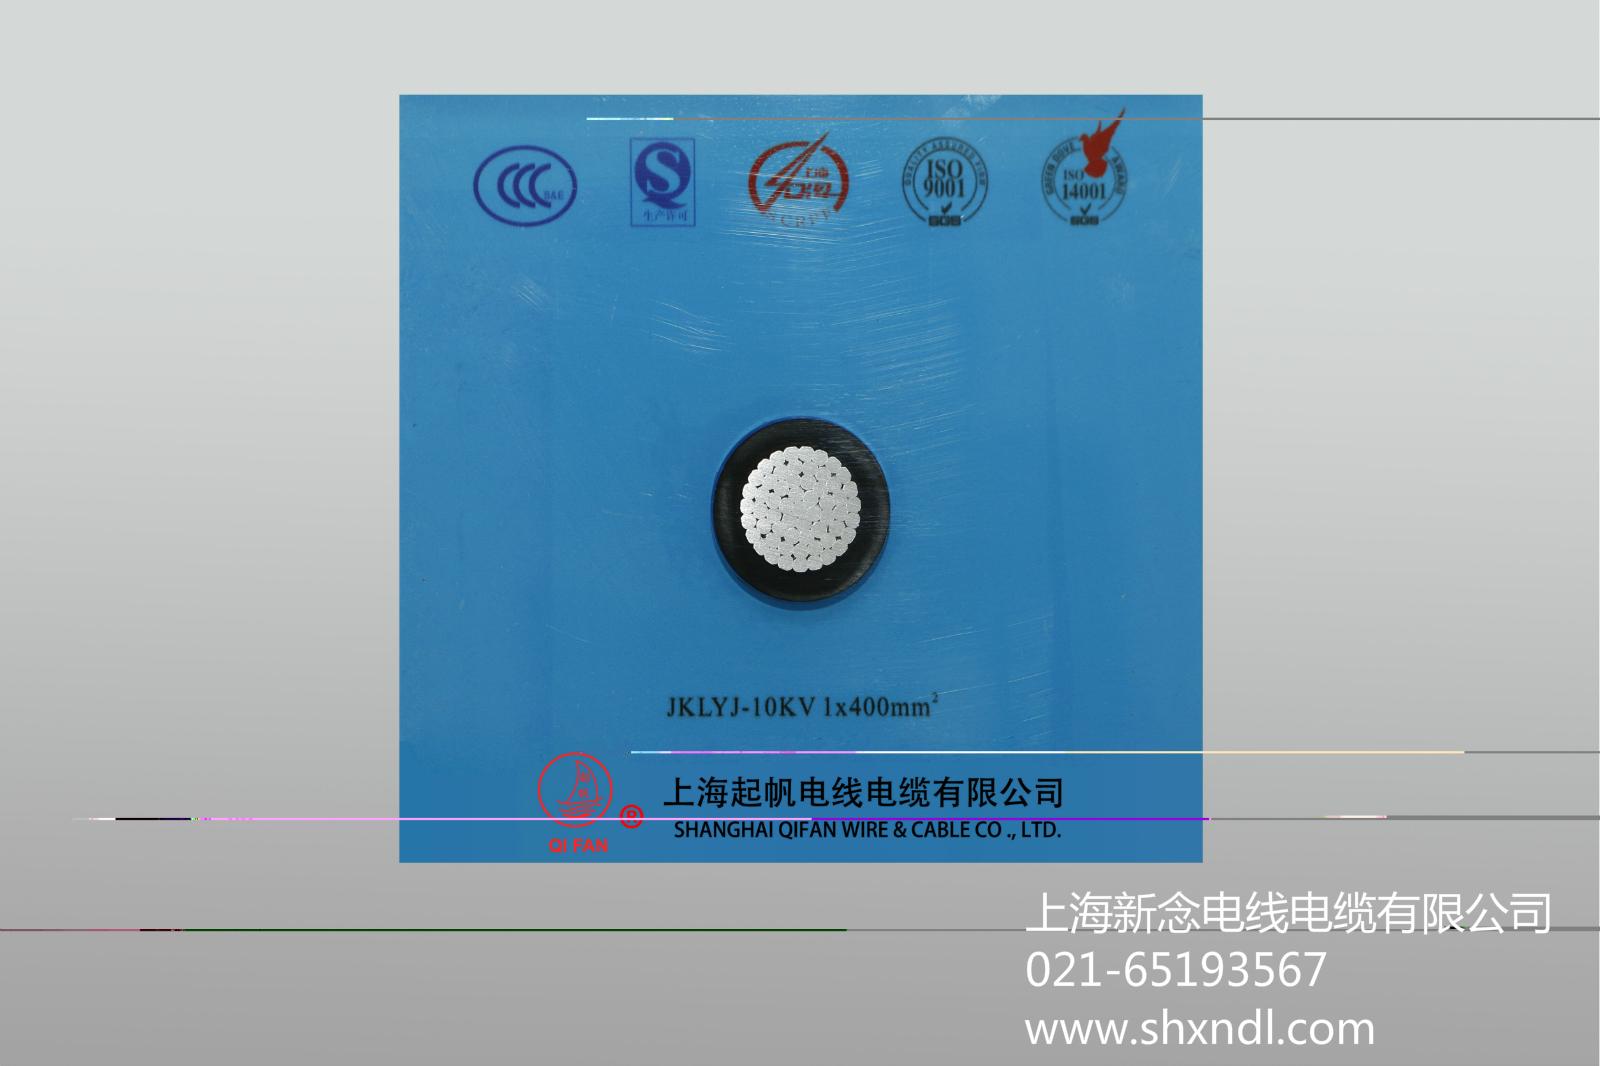 上海新念教您电缆高压和低压的一些区分方法